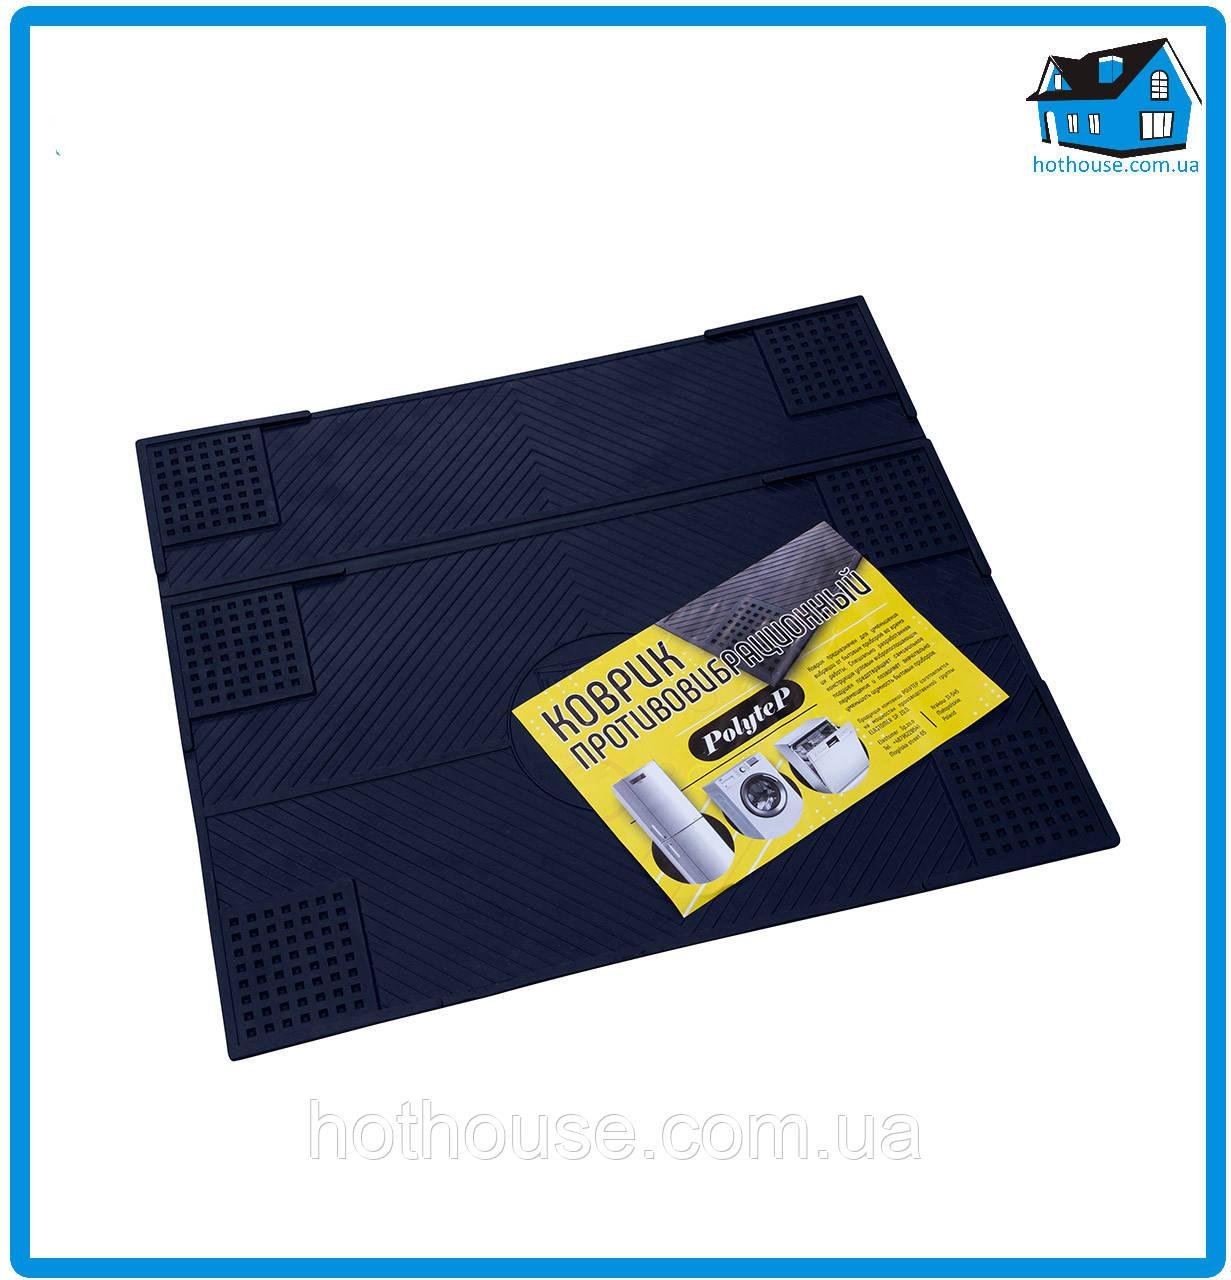 Коврик резиновый противовибрационный под стиральную машину 55*62 (1,8кг) 00014